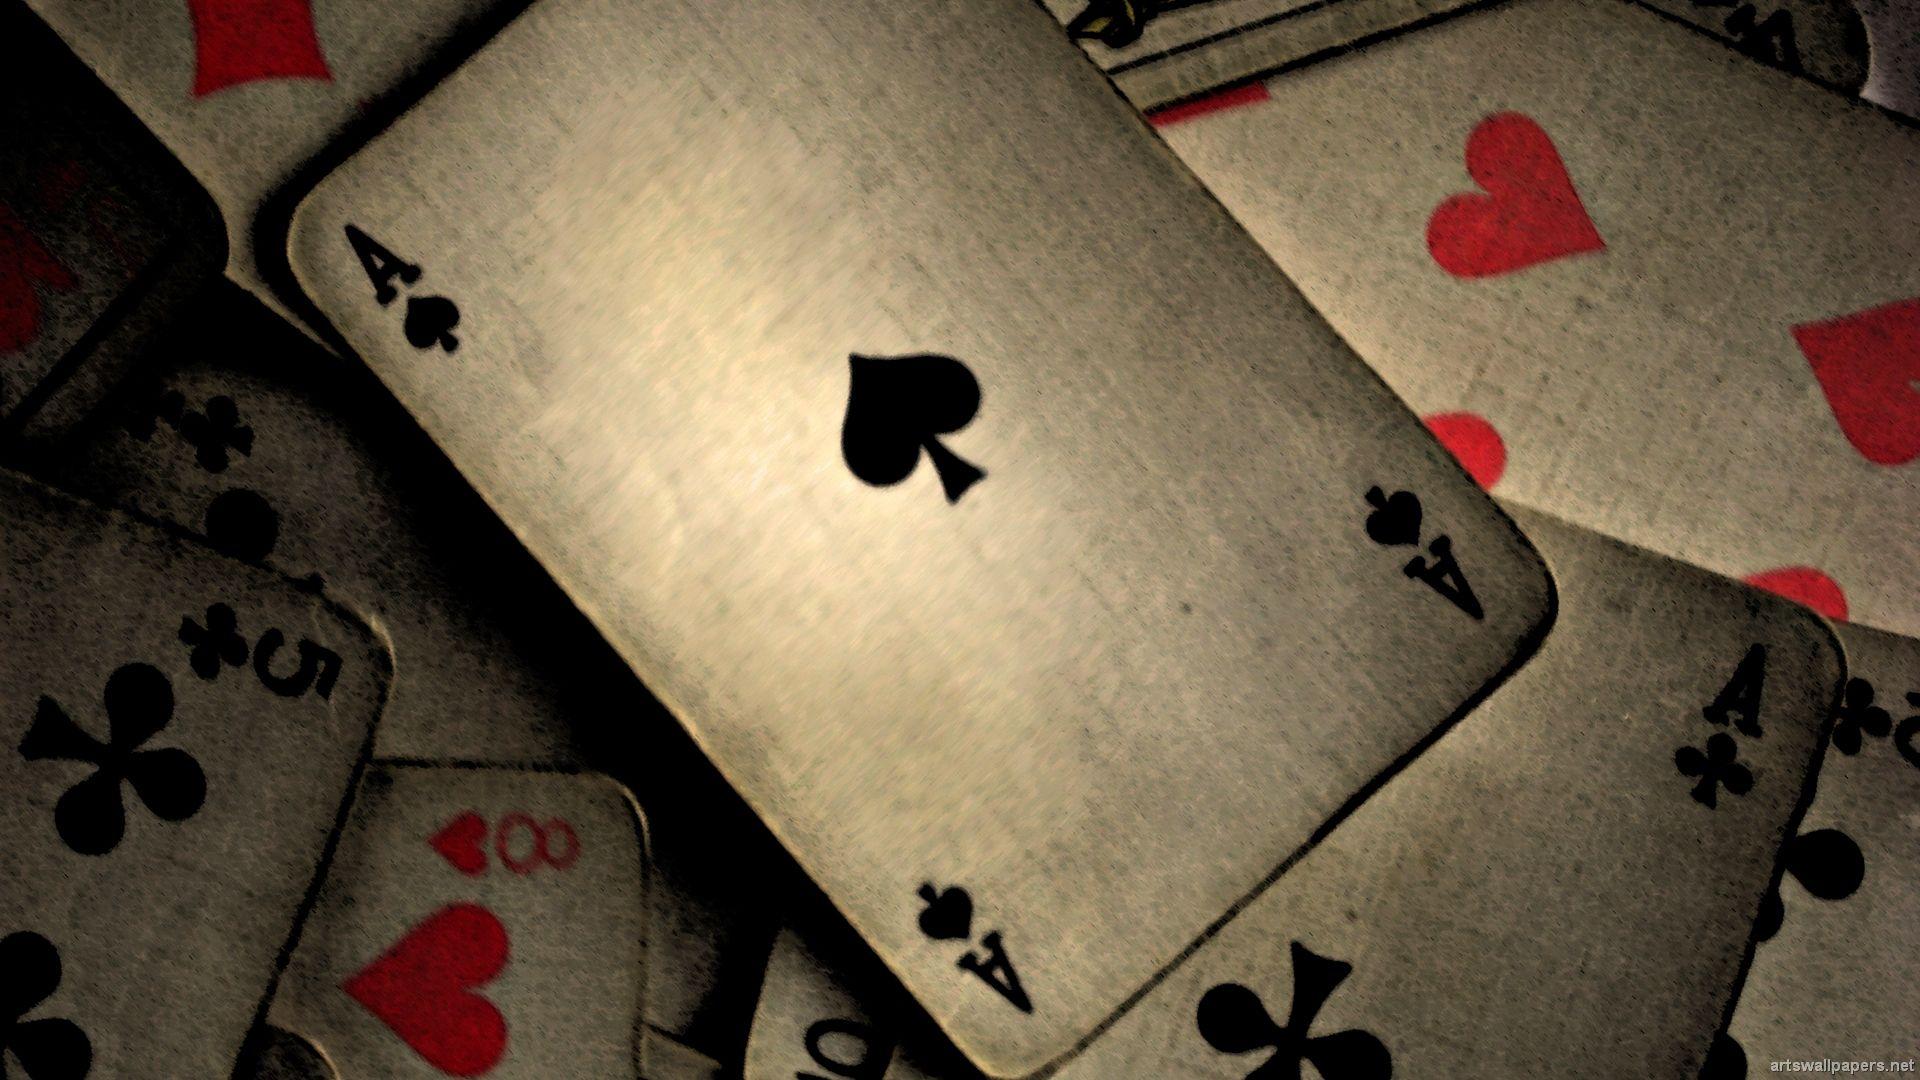 Widescreen Wallpaper Hd 1080p Poker Quotes Poker Gambling Gift